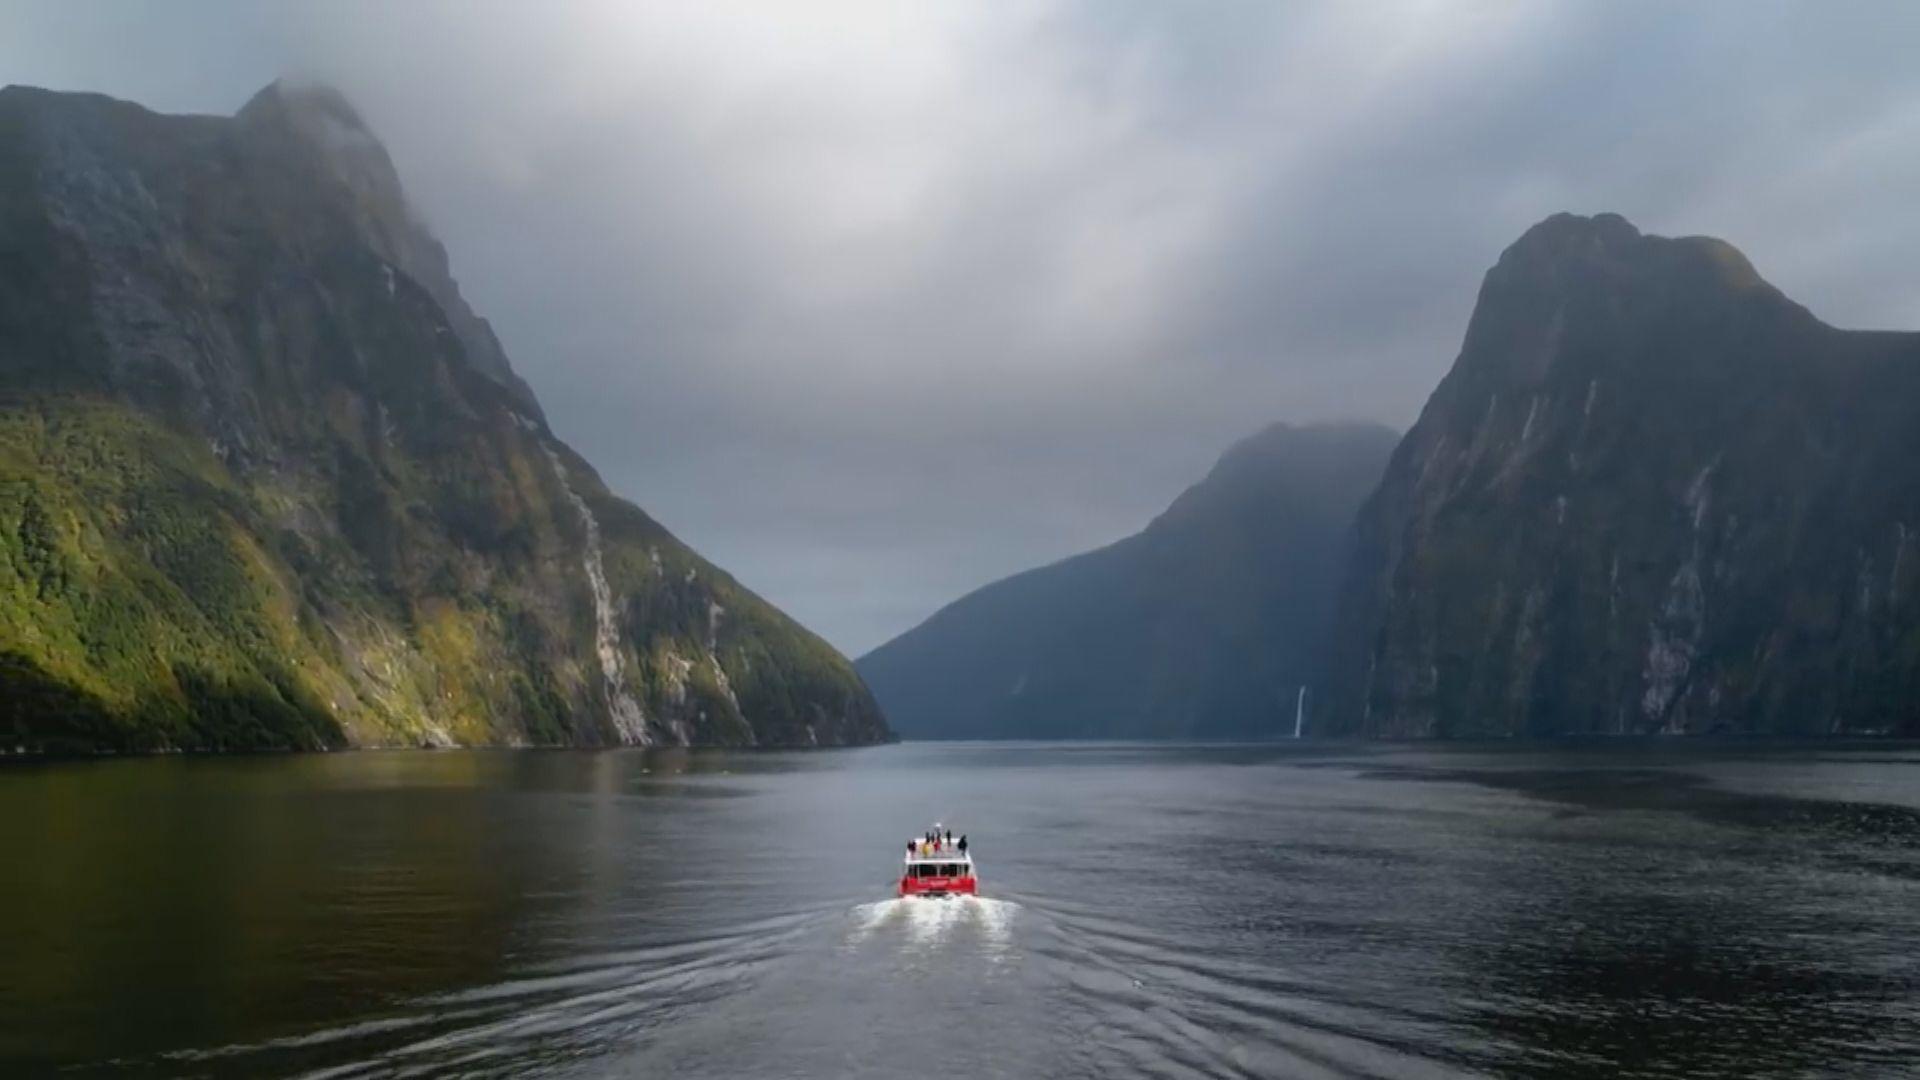 【環球薈報】新西蘭水污染惡化備受關注